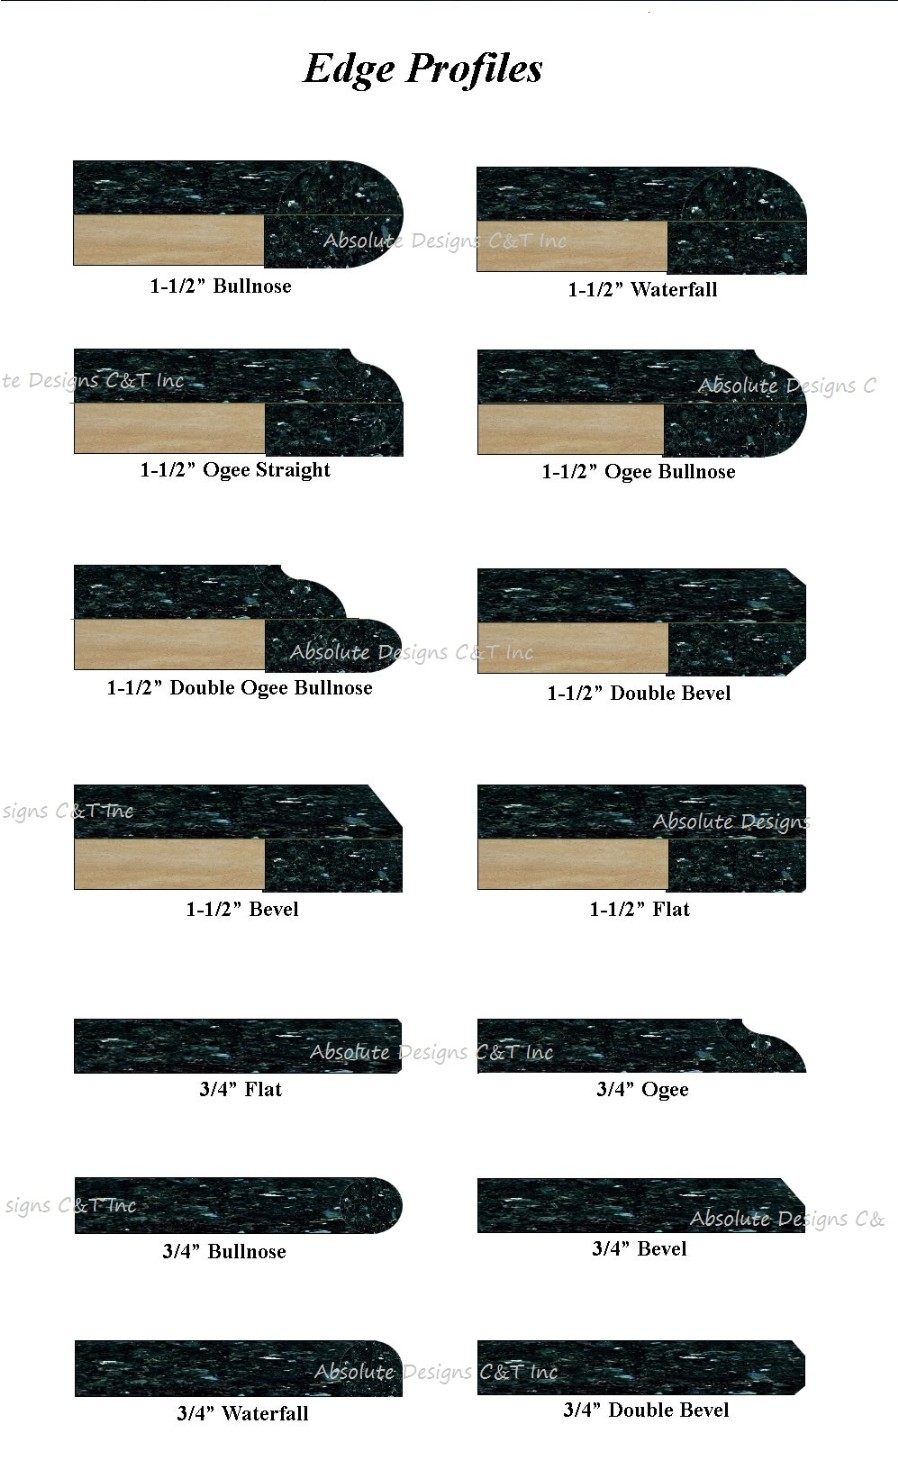 Edge Profiles Granite Countertops Fabricators